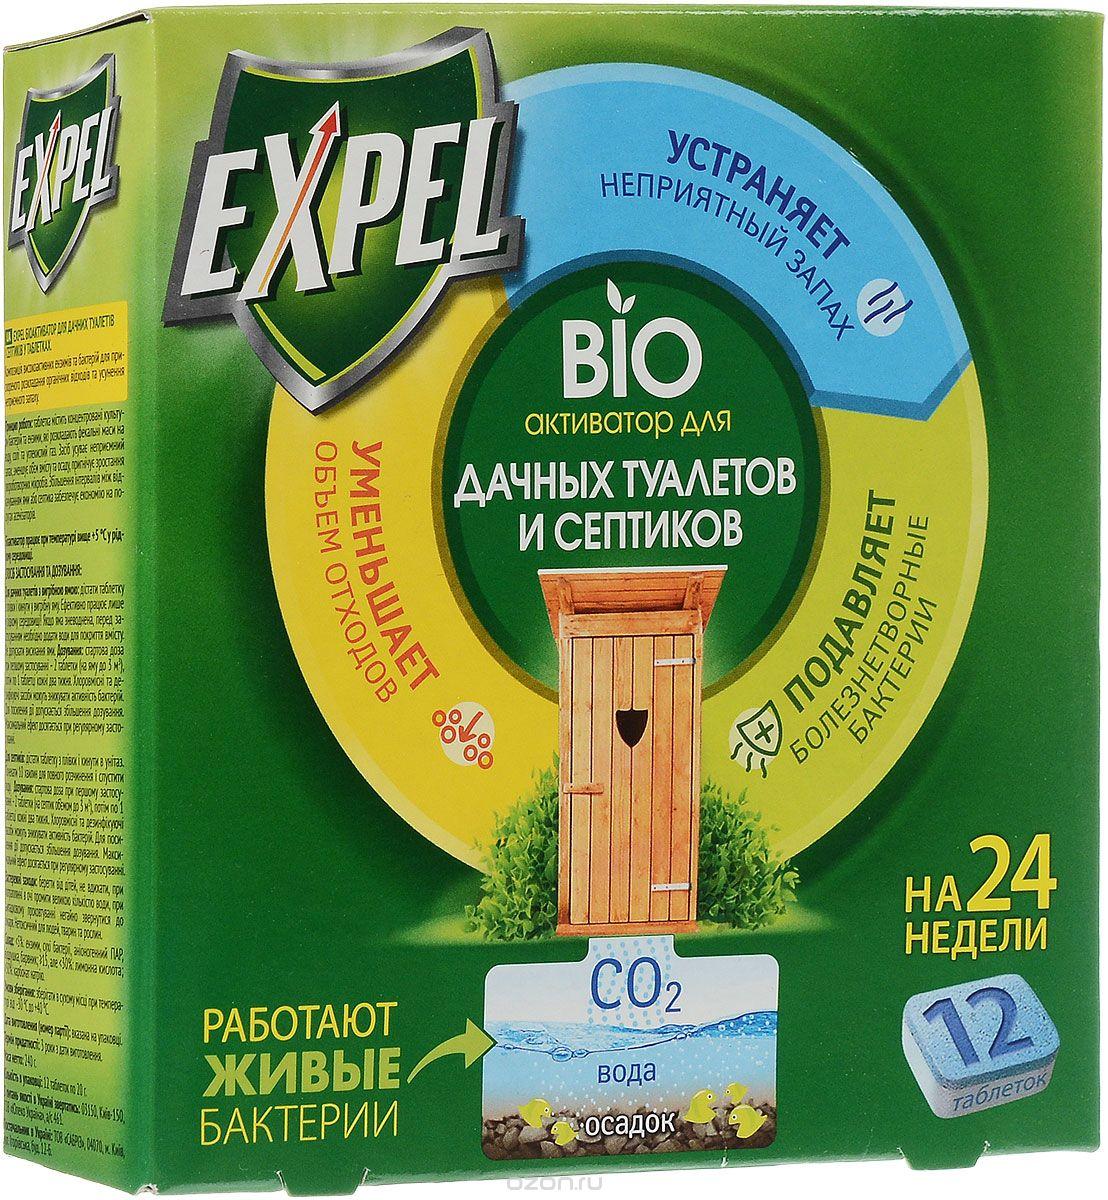 Биоактиватор Expel для дачных туалетов и септиков, 12 таблетокTS0001Биоактиватор Expel содержит концентрированные культуры бактерий. Которые разлагают фекальные массы на воду, углекислый газ и соли. Средство устраняет неприятный запах, уменьшает объем содержимого и осадка, подавляет рост болезнетворных микробов. Увеличение интервалов между откачками ямы или септика обеспечивает экономию на услугах ассенизаторов. Способ применения: Для дачных туалетов с выгребной ямой: извлечь таблетку из пленки и бросить в выгребную яму. Биоактиватор эффективно работает только в жидкой среде. Если яма обезвожена, необходимо добавить воды для покрытия содержимого. Не допускать высыхания ямы.Для септиков: извлечь таблетку из пленки и бросить в унитаз. Подождать 10 минут для полного растворения и спустить воду.Дозировка: стартовая доза при первом применении - 2 таблетки (на яму или септик до 3 м3), затем по 1 таблетке каждые 2 недели. Характеристики: Состав: сухие бактерии, энзимы, карбонат натрия, лимонная кислота, анионогенный ПАВ, отдушка, краситель. Вес одной таблетки: 20 г. Количество таблеток: 12 шт.